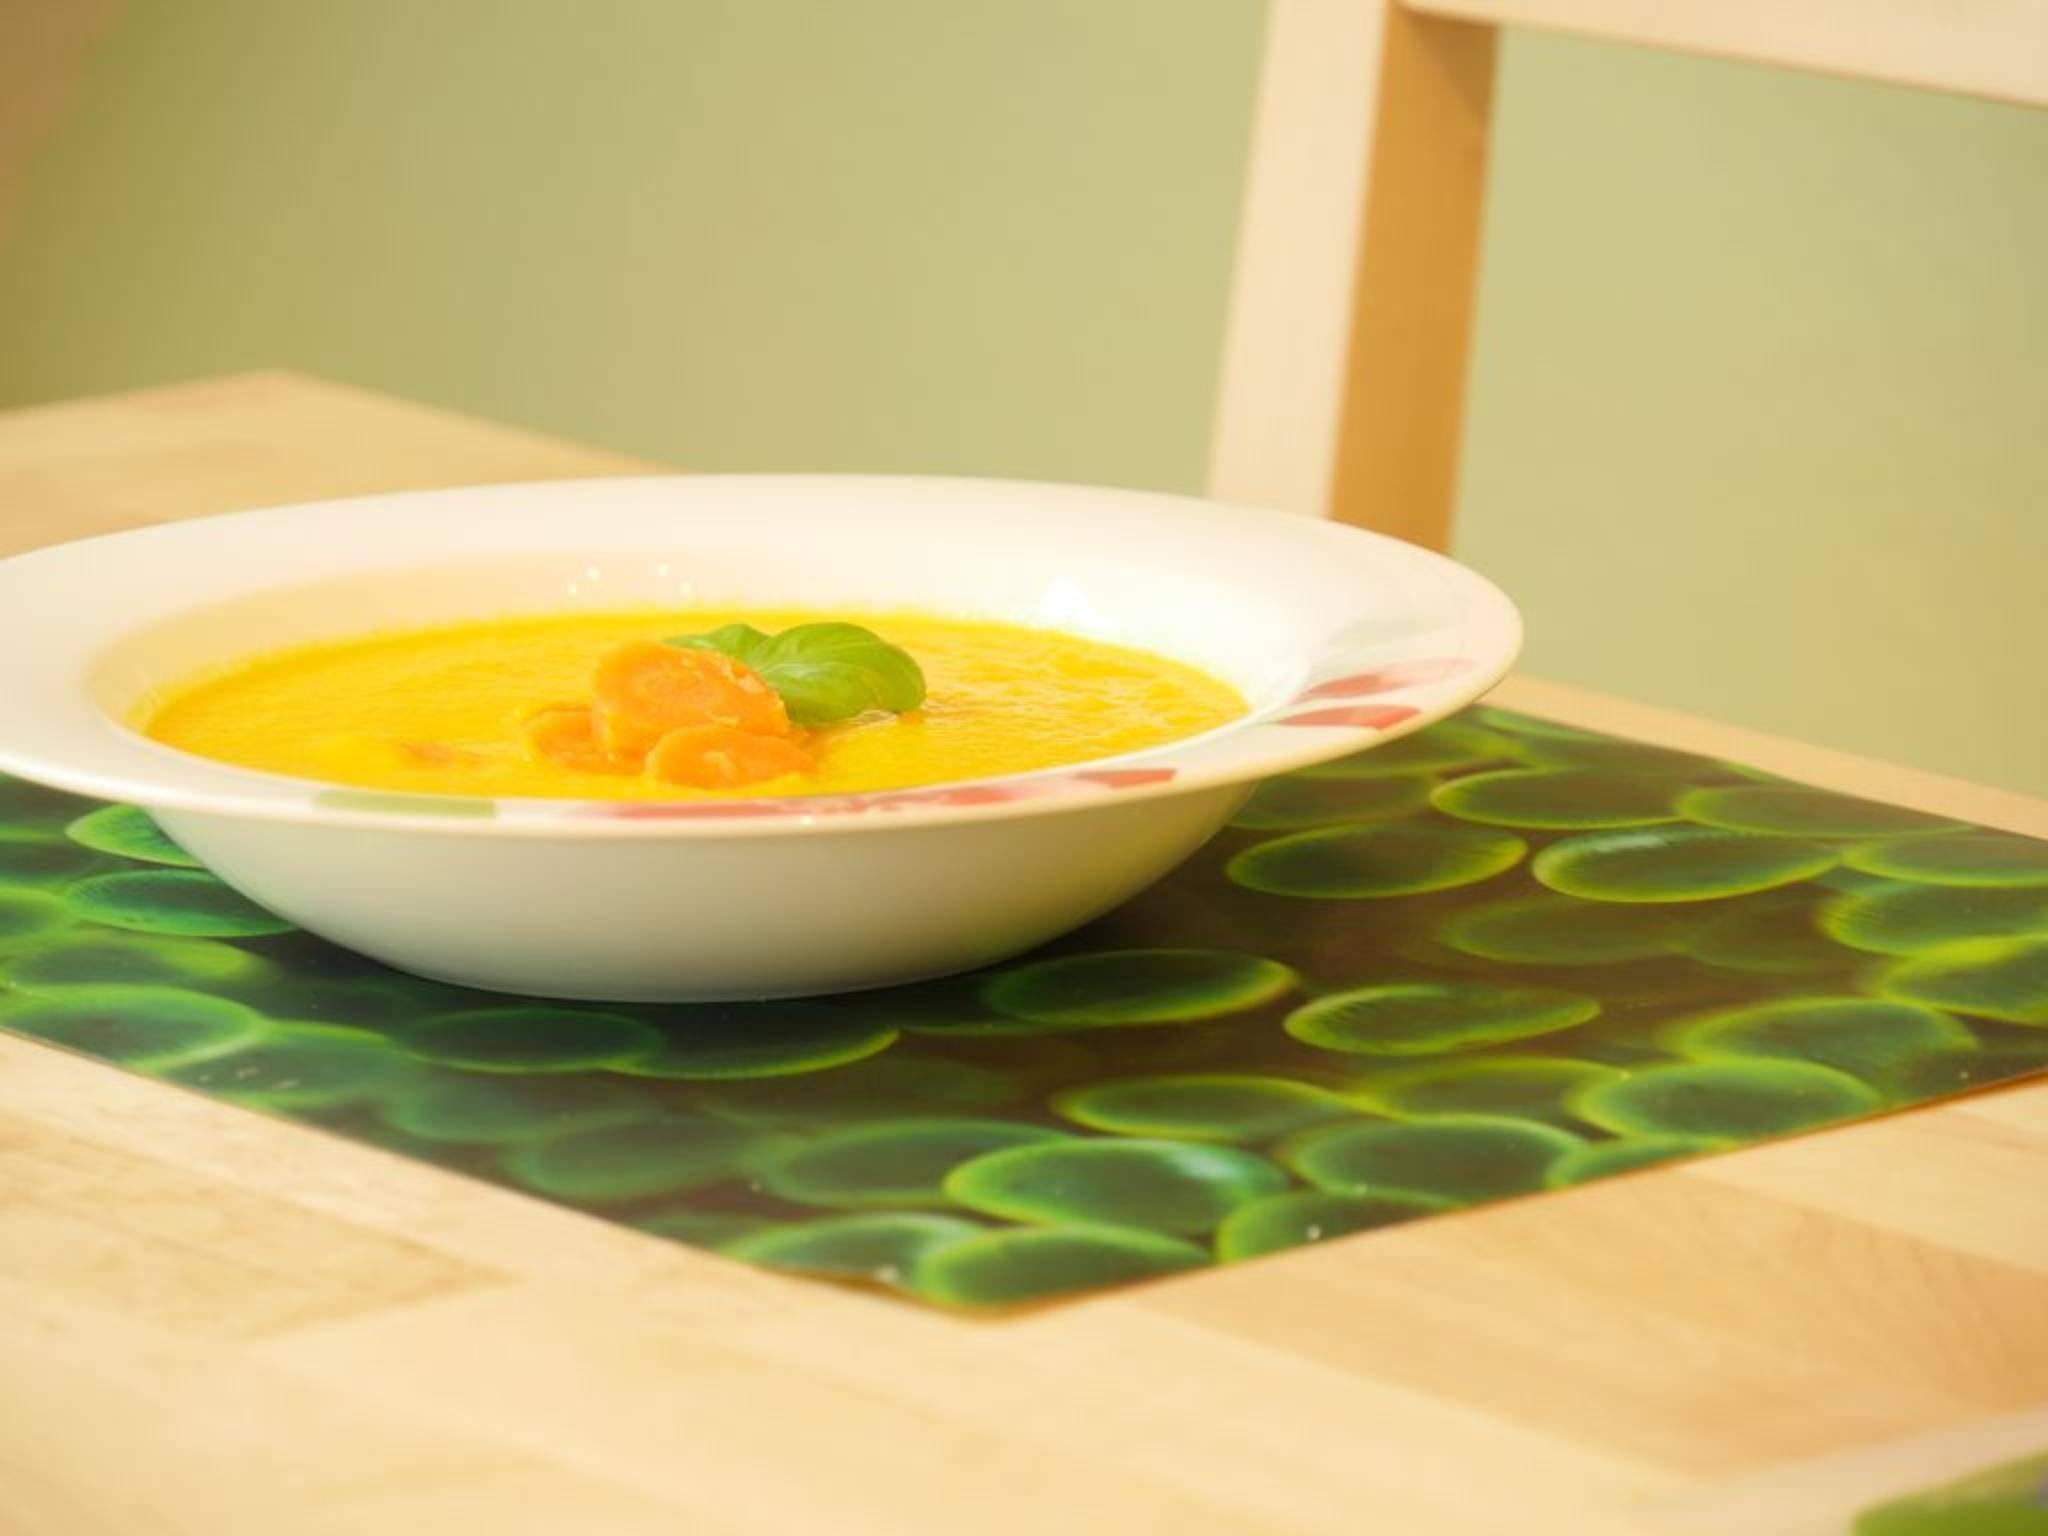 ... fertig ist die leckere Karotten-Orangen-Suppe.